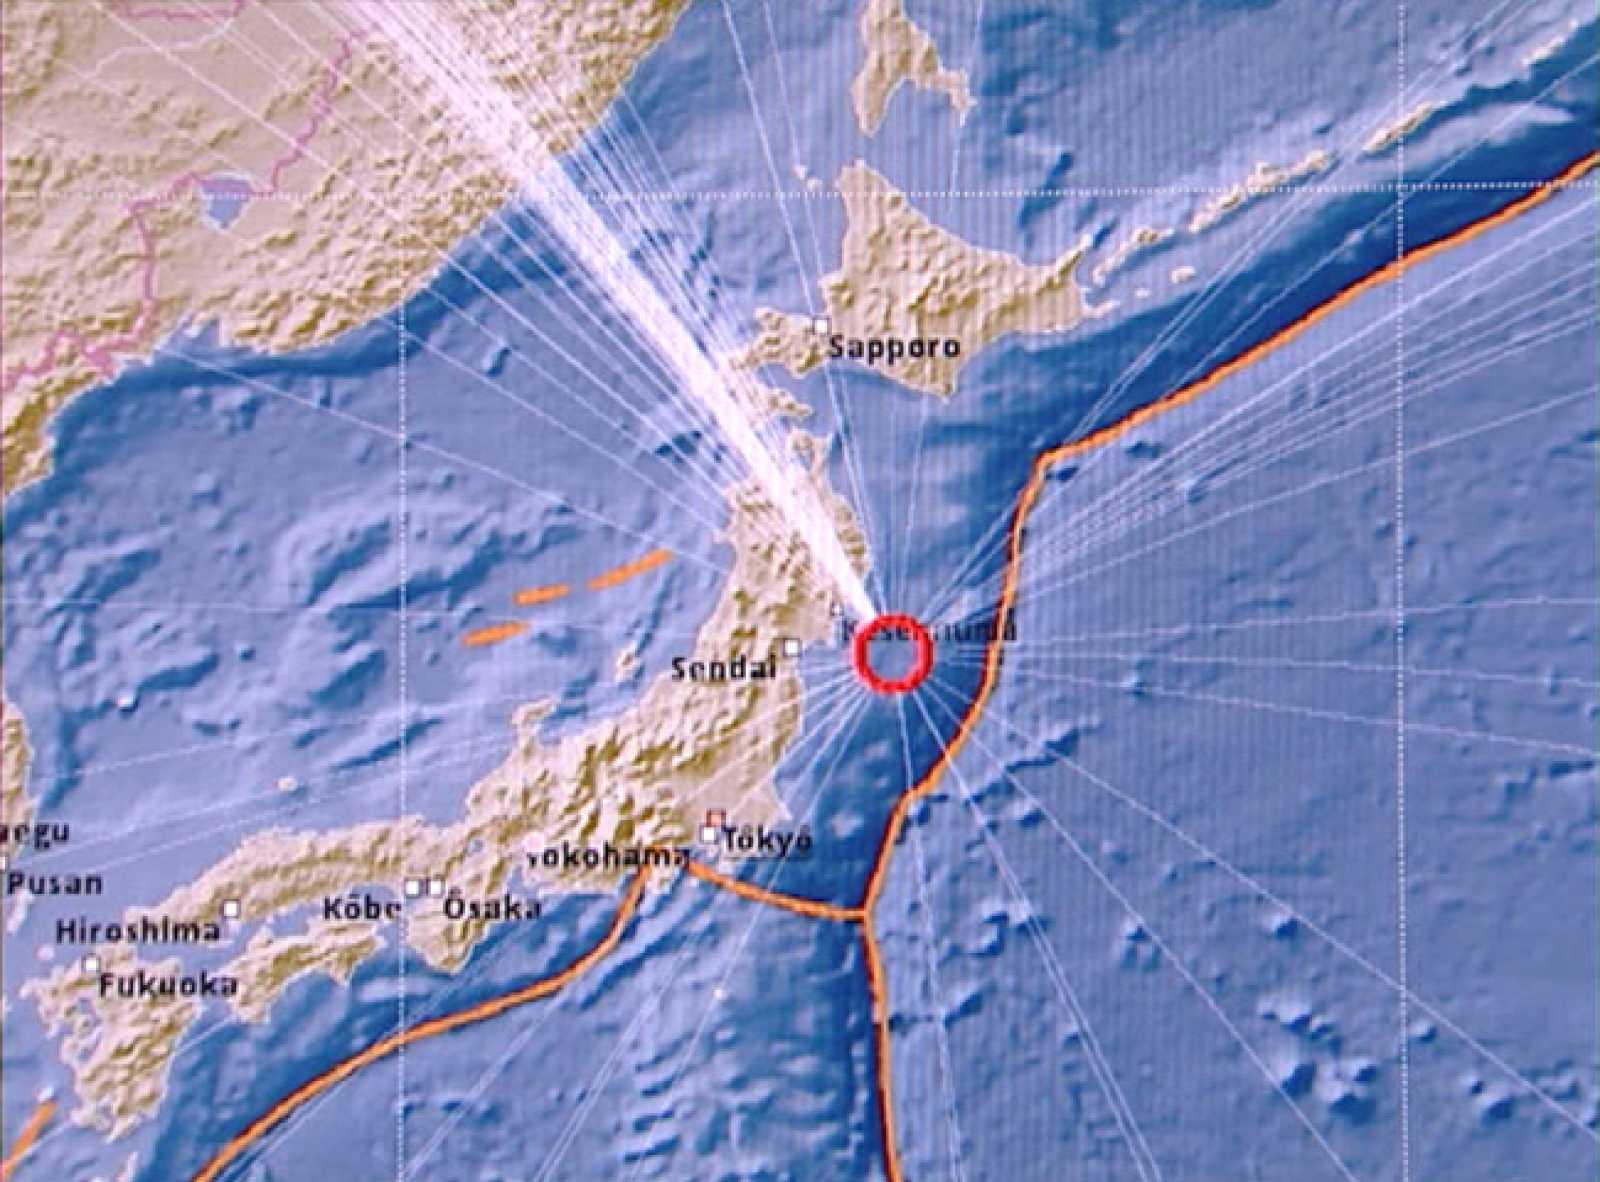 Según los expertos el terremoto de Japón podría modificar incluso el eje de la Tierra